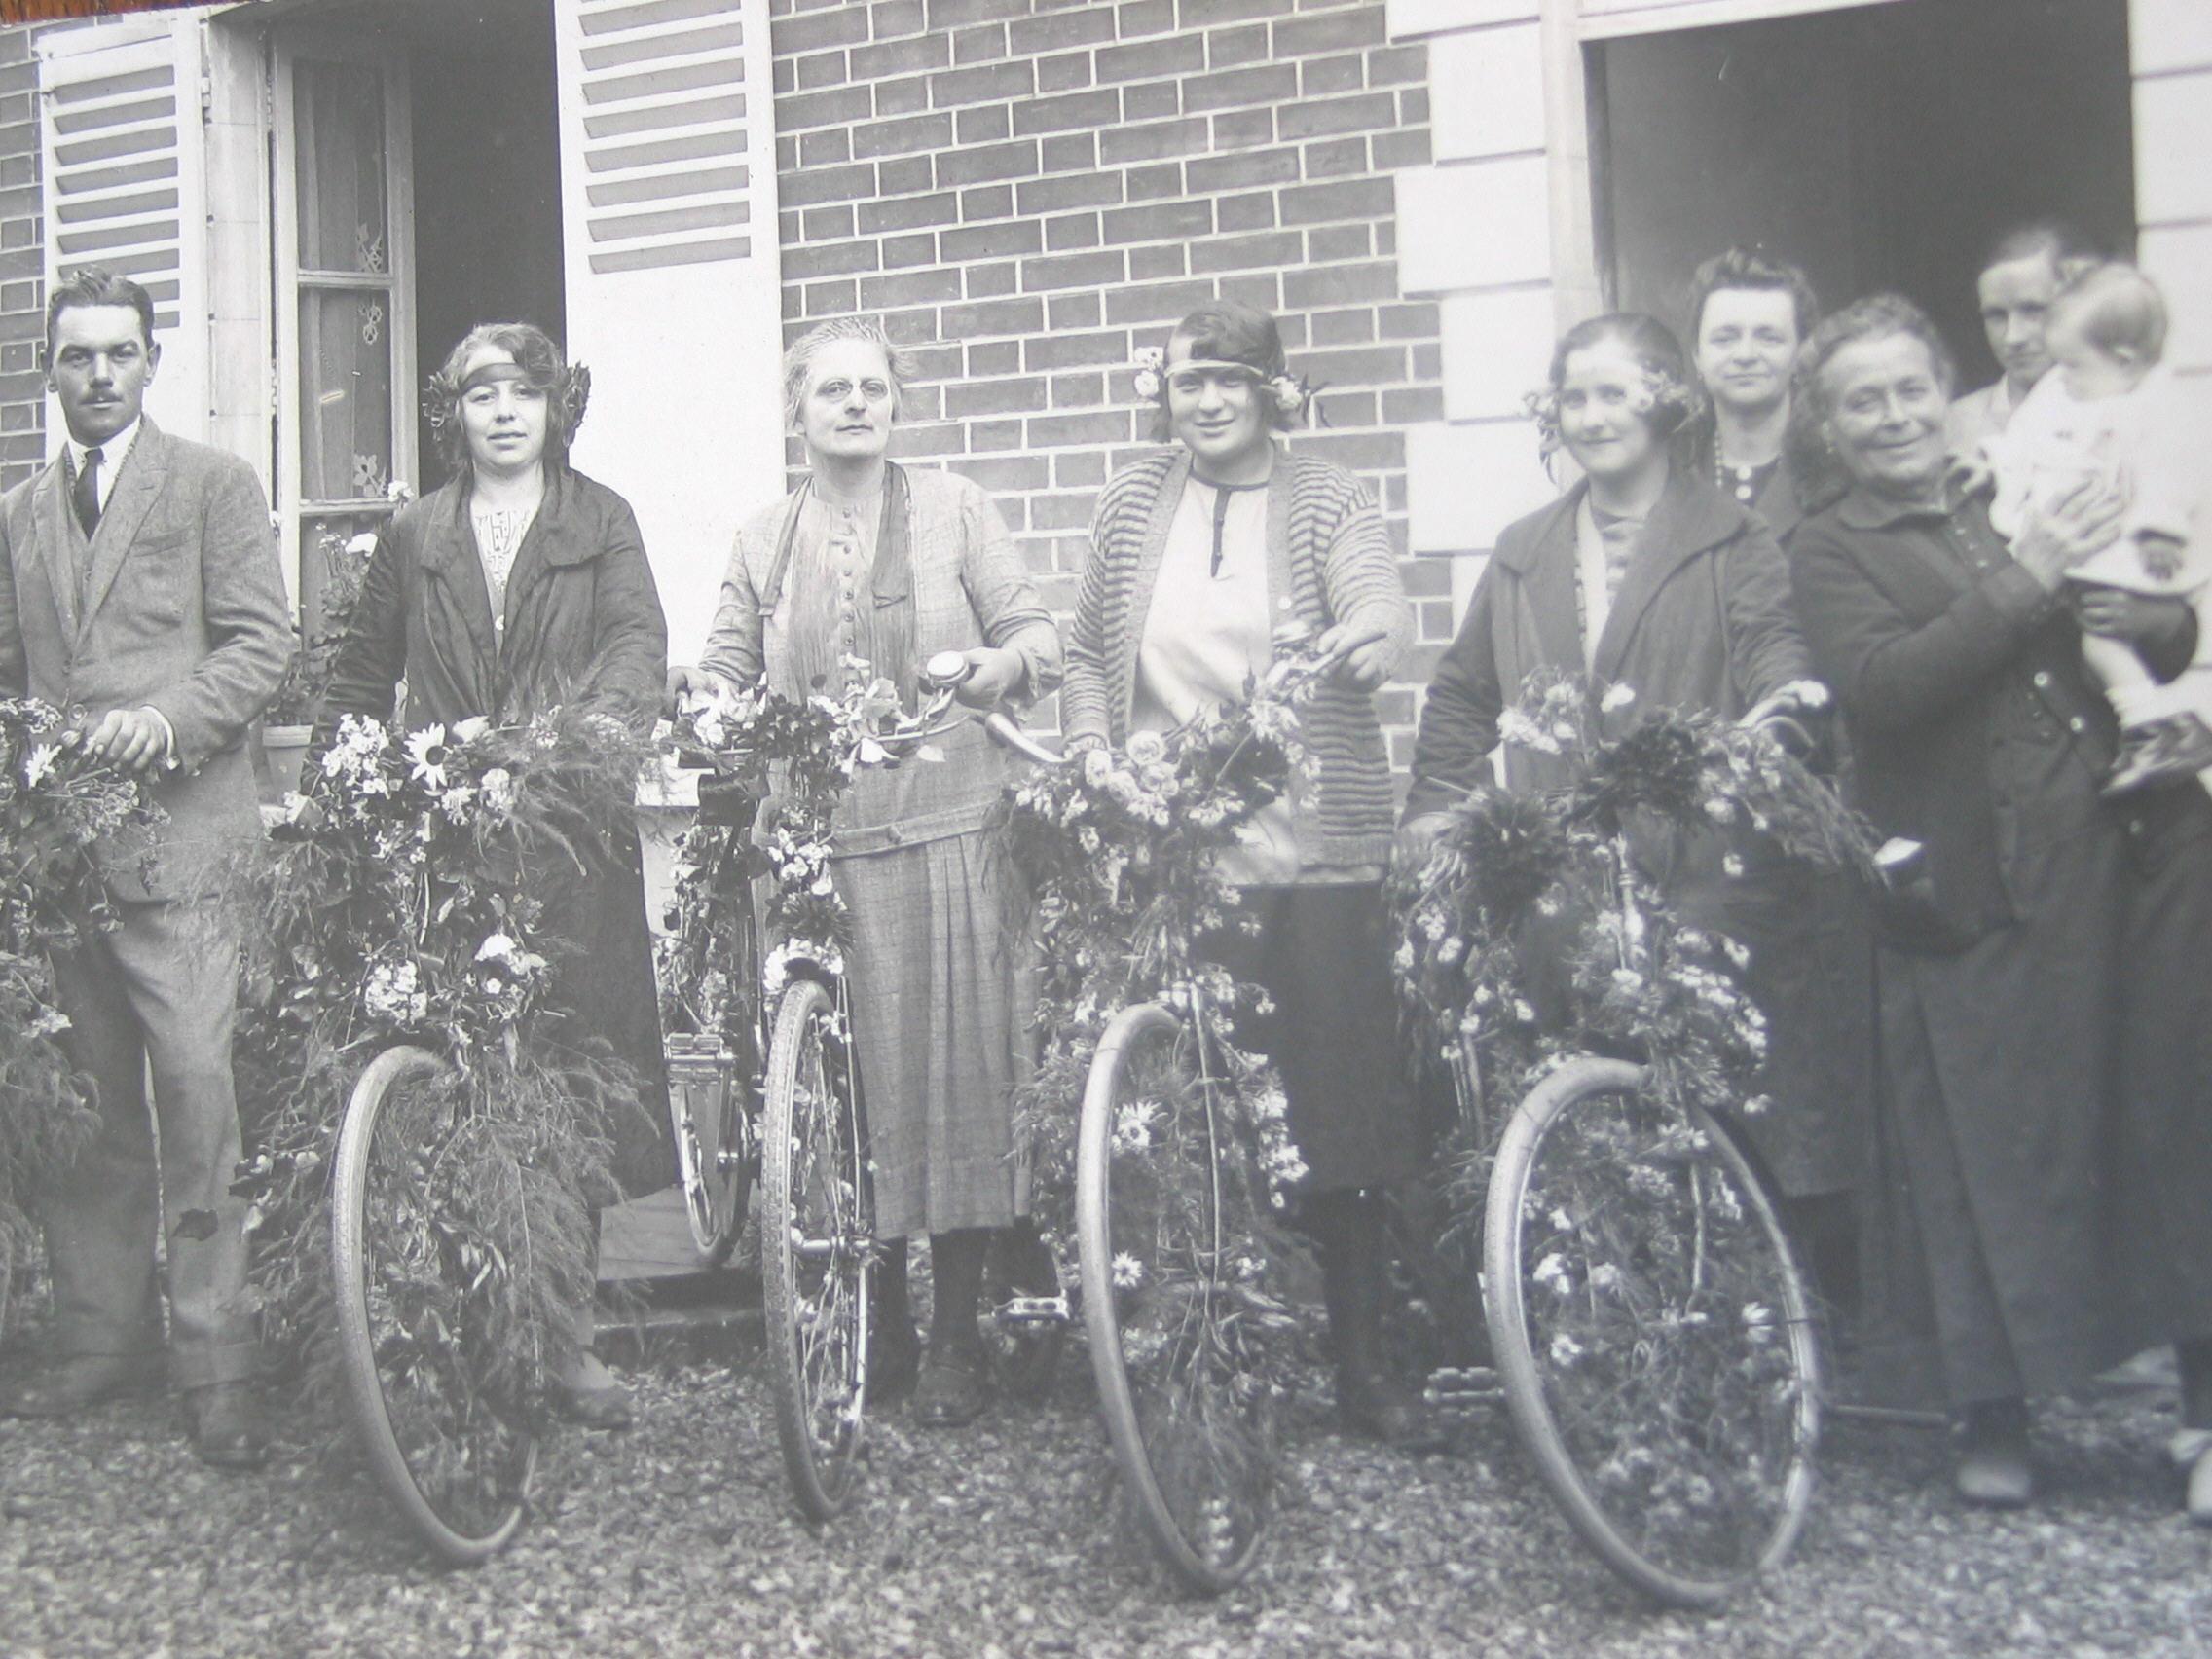 151 - Vélos décorés.JPG